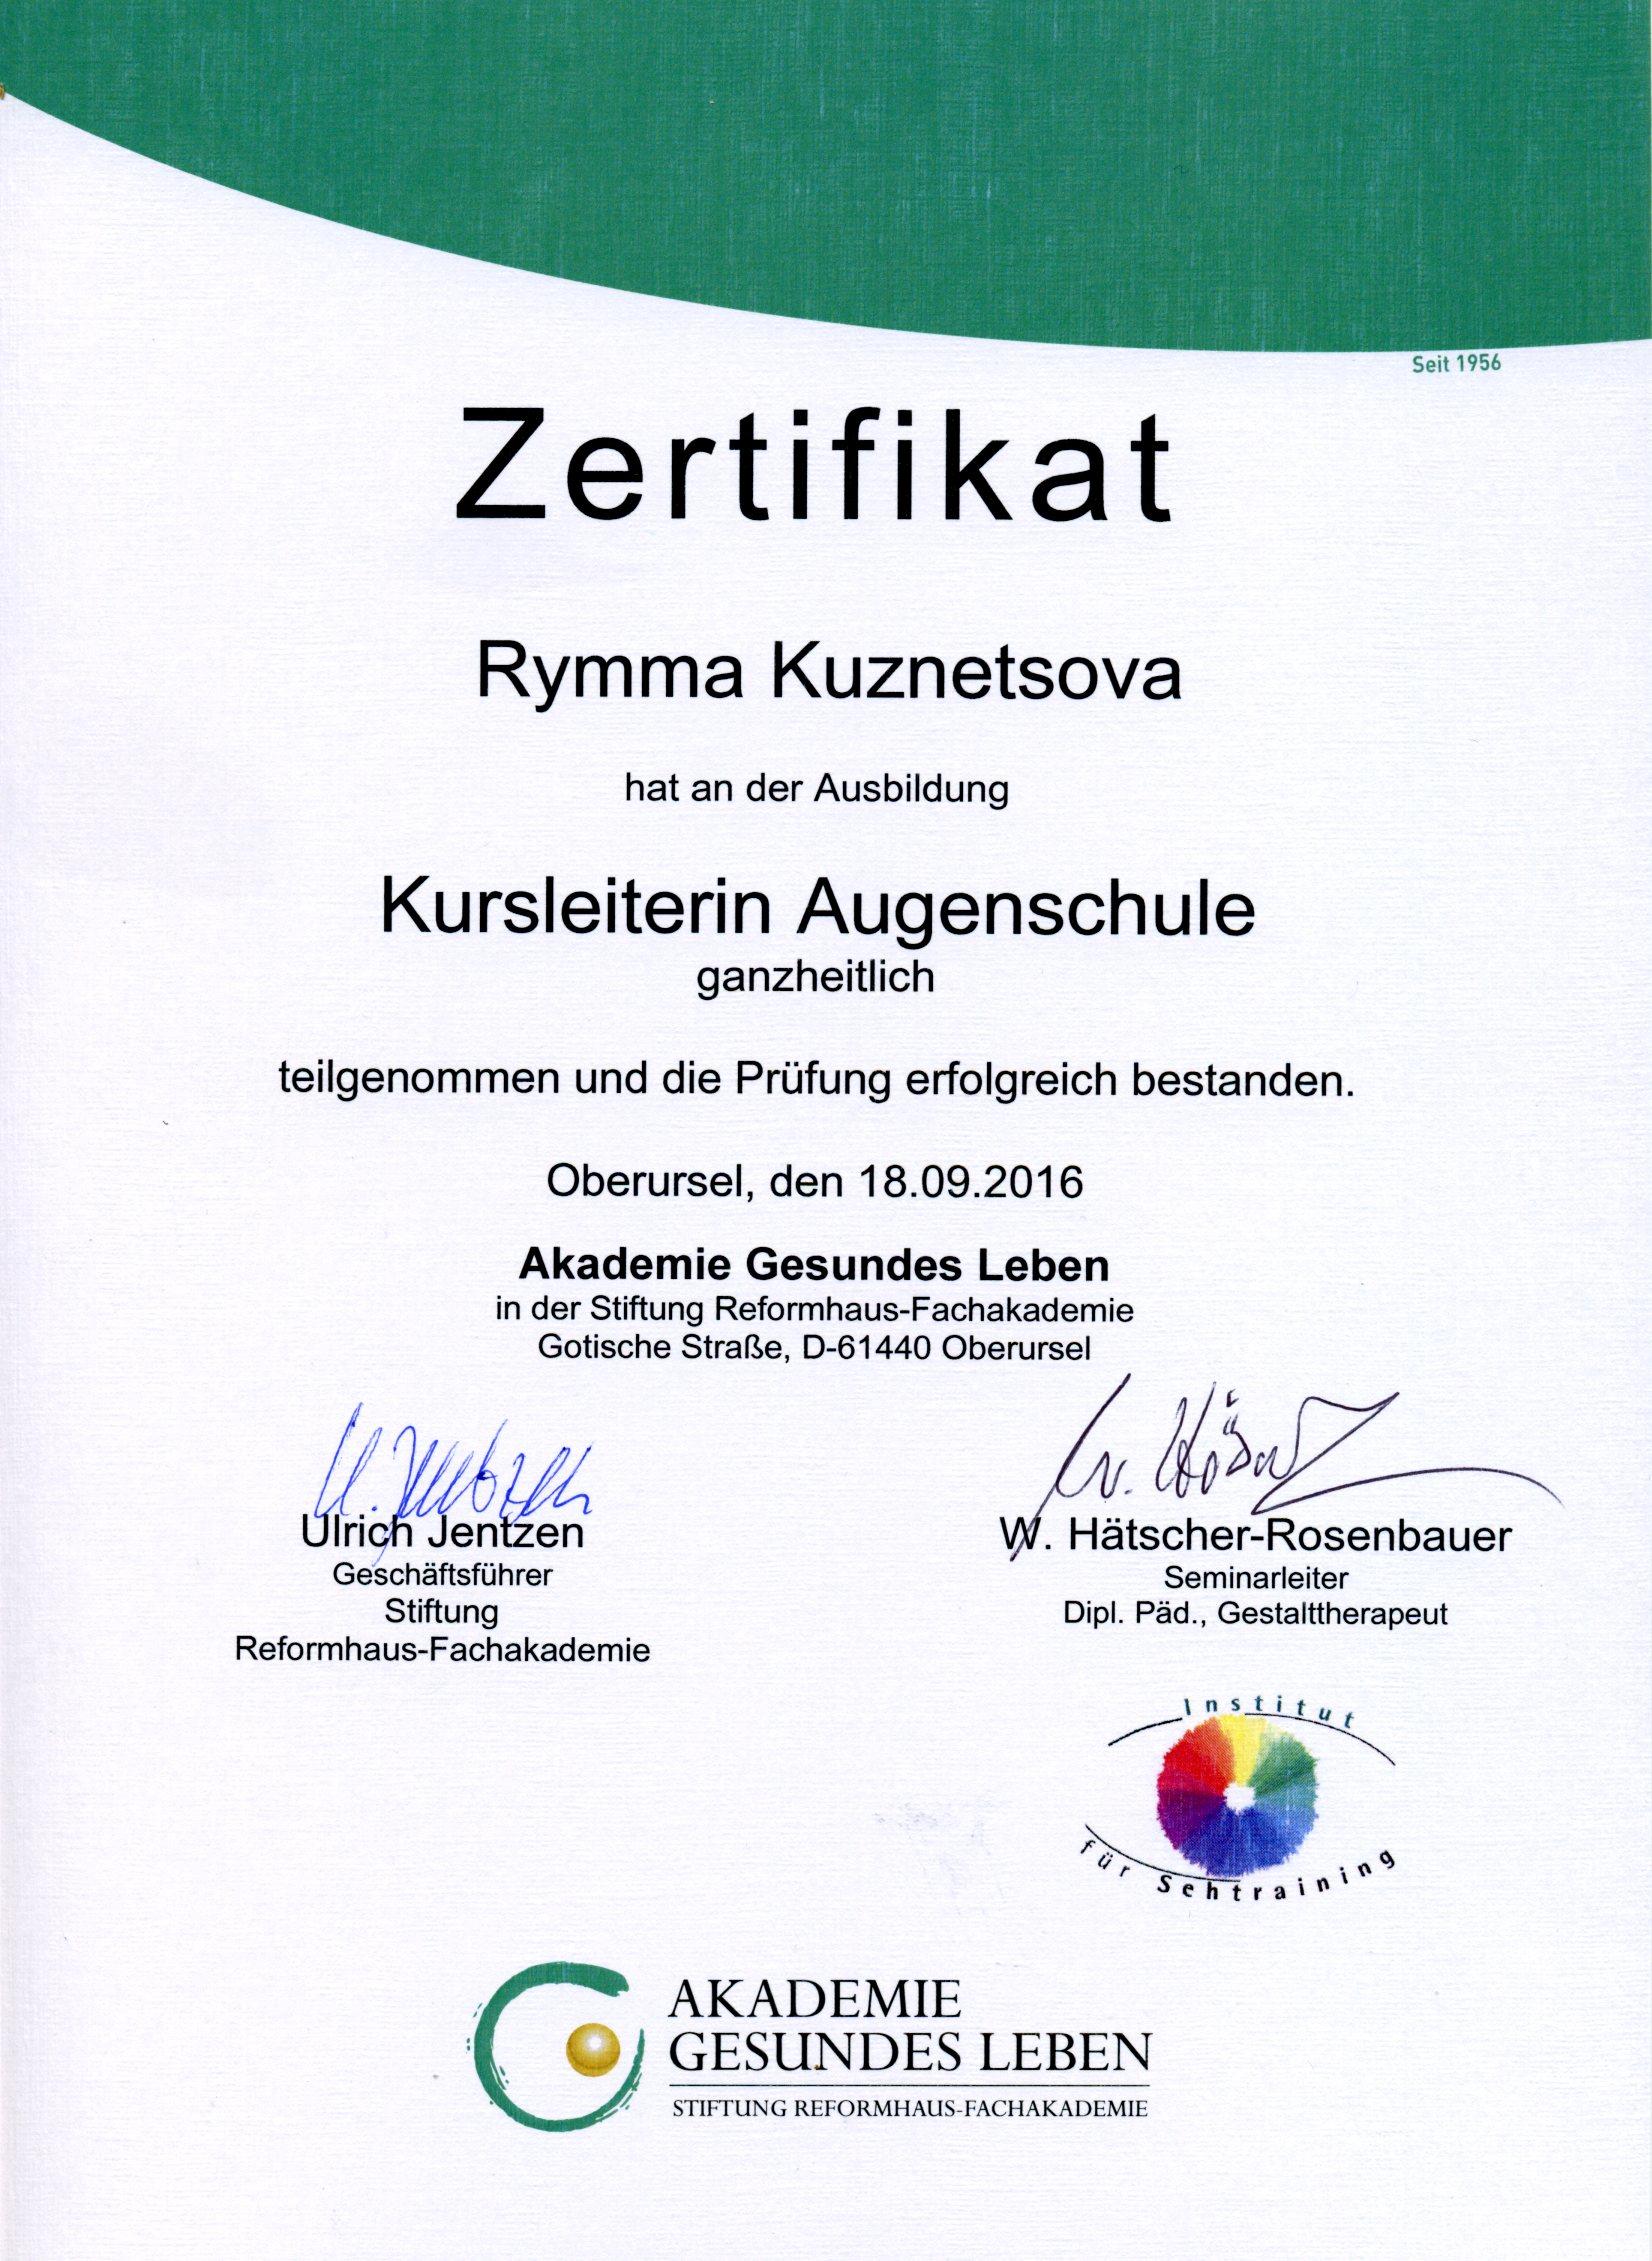 Zertifikat, Rymma Kuznetsova, Kursleiterin Augenschule